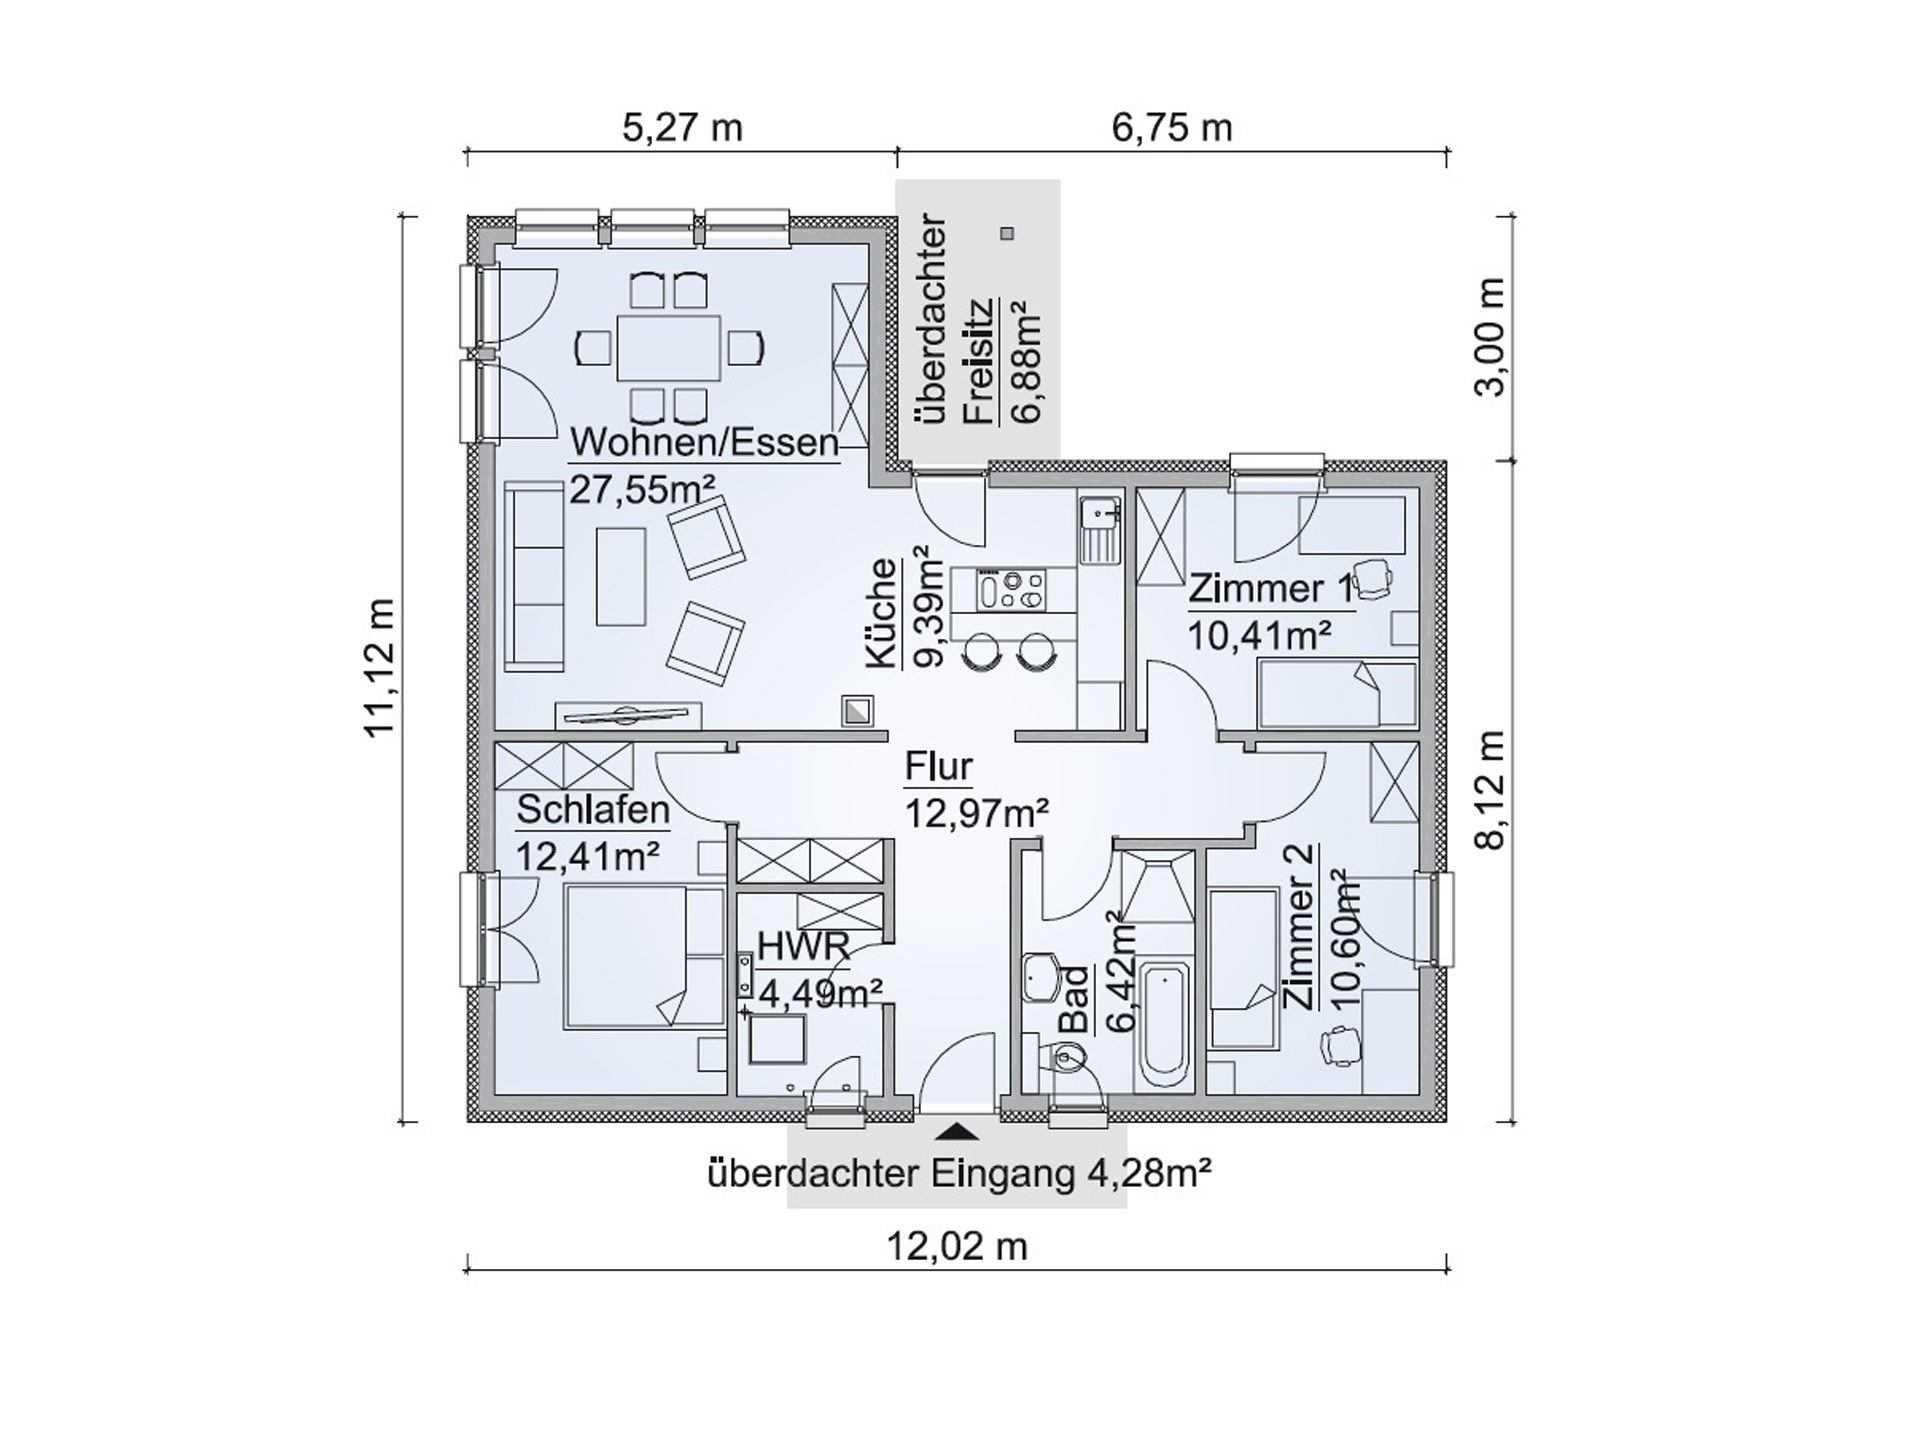 Grundriss Kleines Haus Grundrisse Hauscompagnie